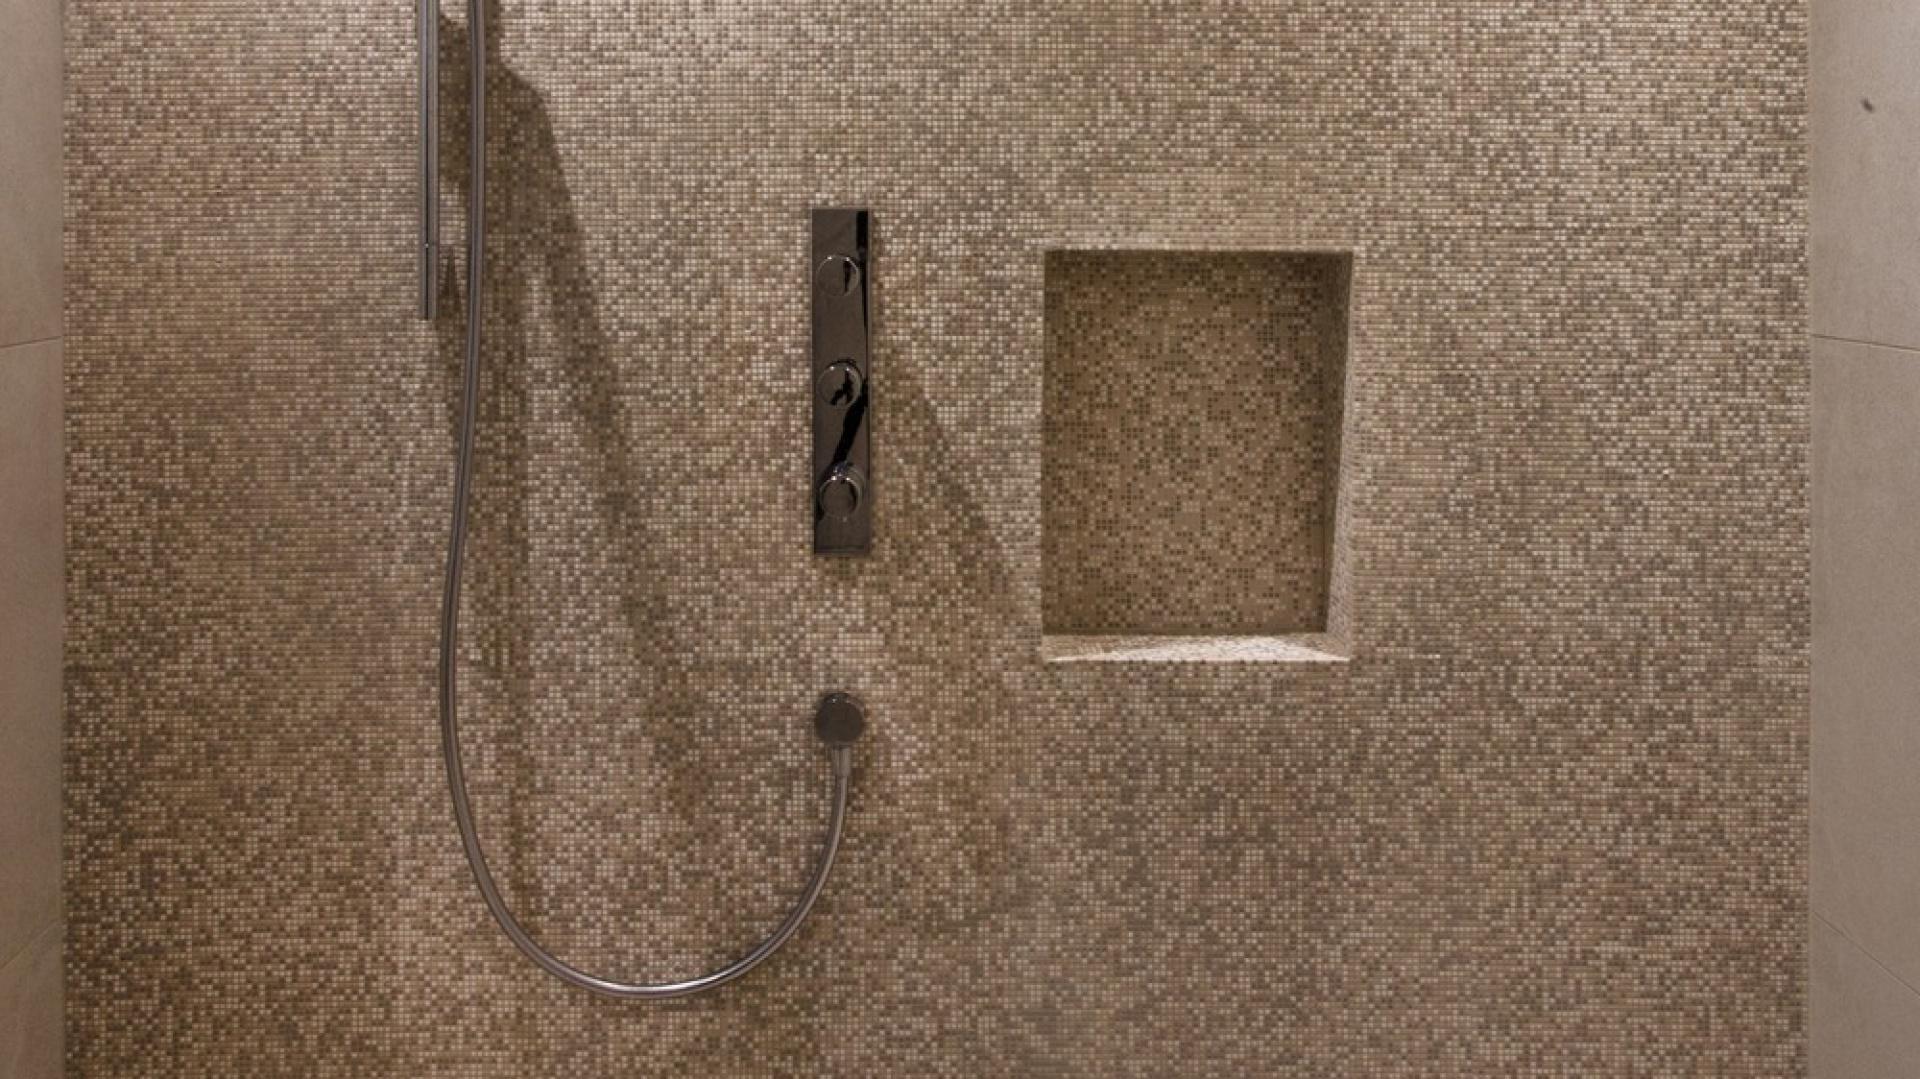 Strefę prysznica utrzymano w kolorze kawy z mlekiem. Minimalizm form został tutaj przełamany przez piaskową fakturę ścian i podłogi. Projekt: Frédric Clairoux, Julie Lafontaine. Fot. JB Valiquette.